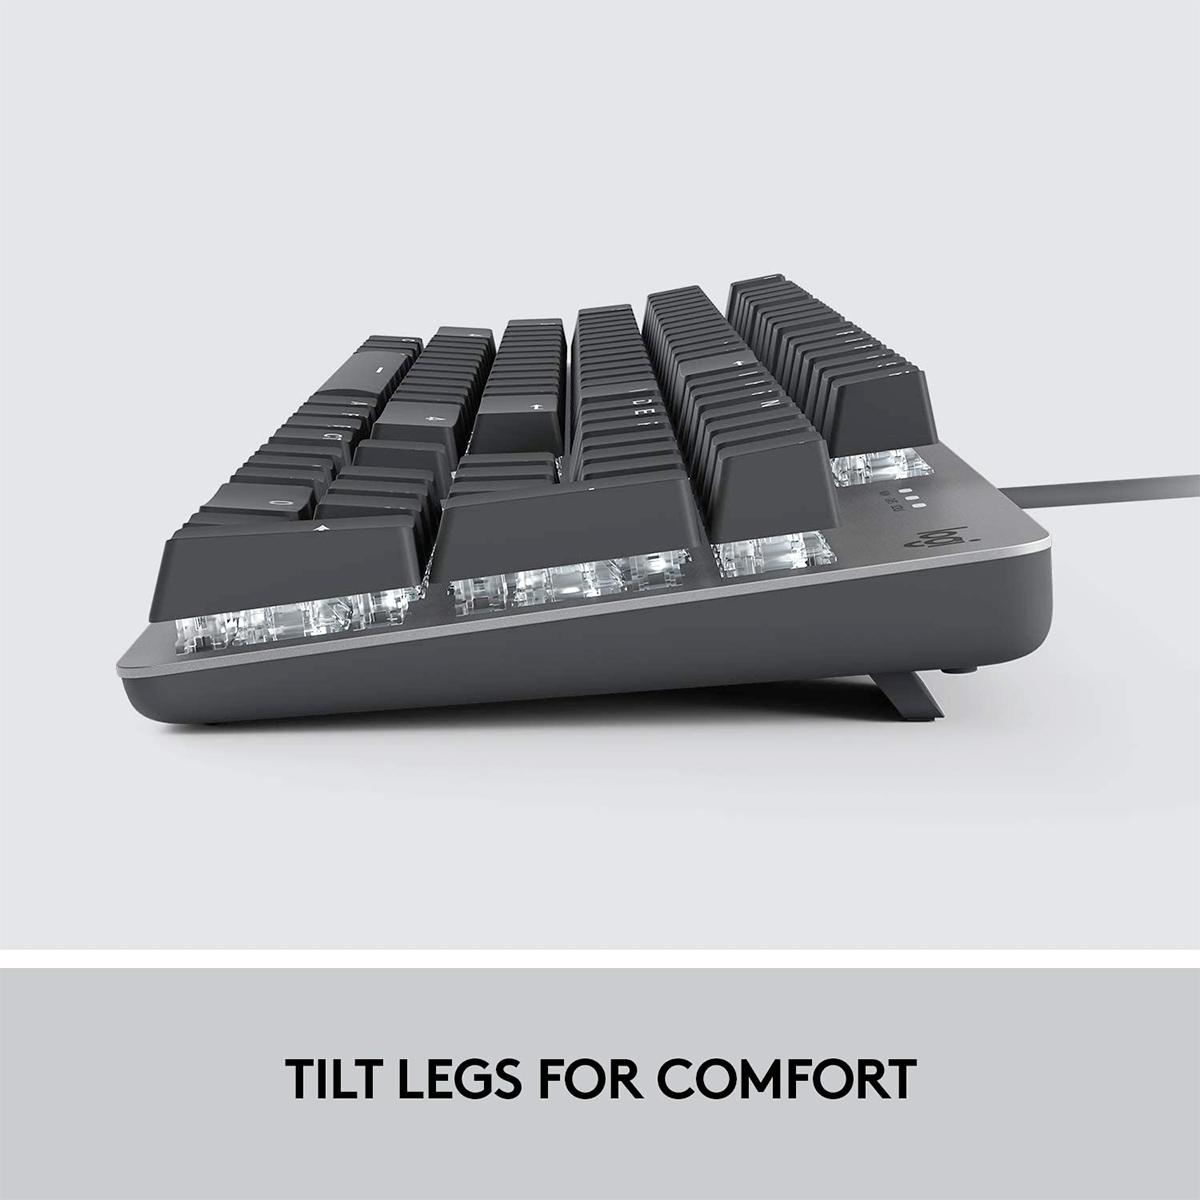 Teclado Logitech K845 Mechanical Keyboard